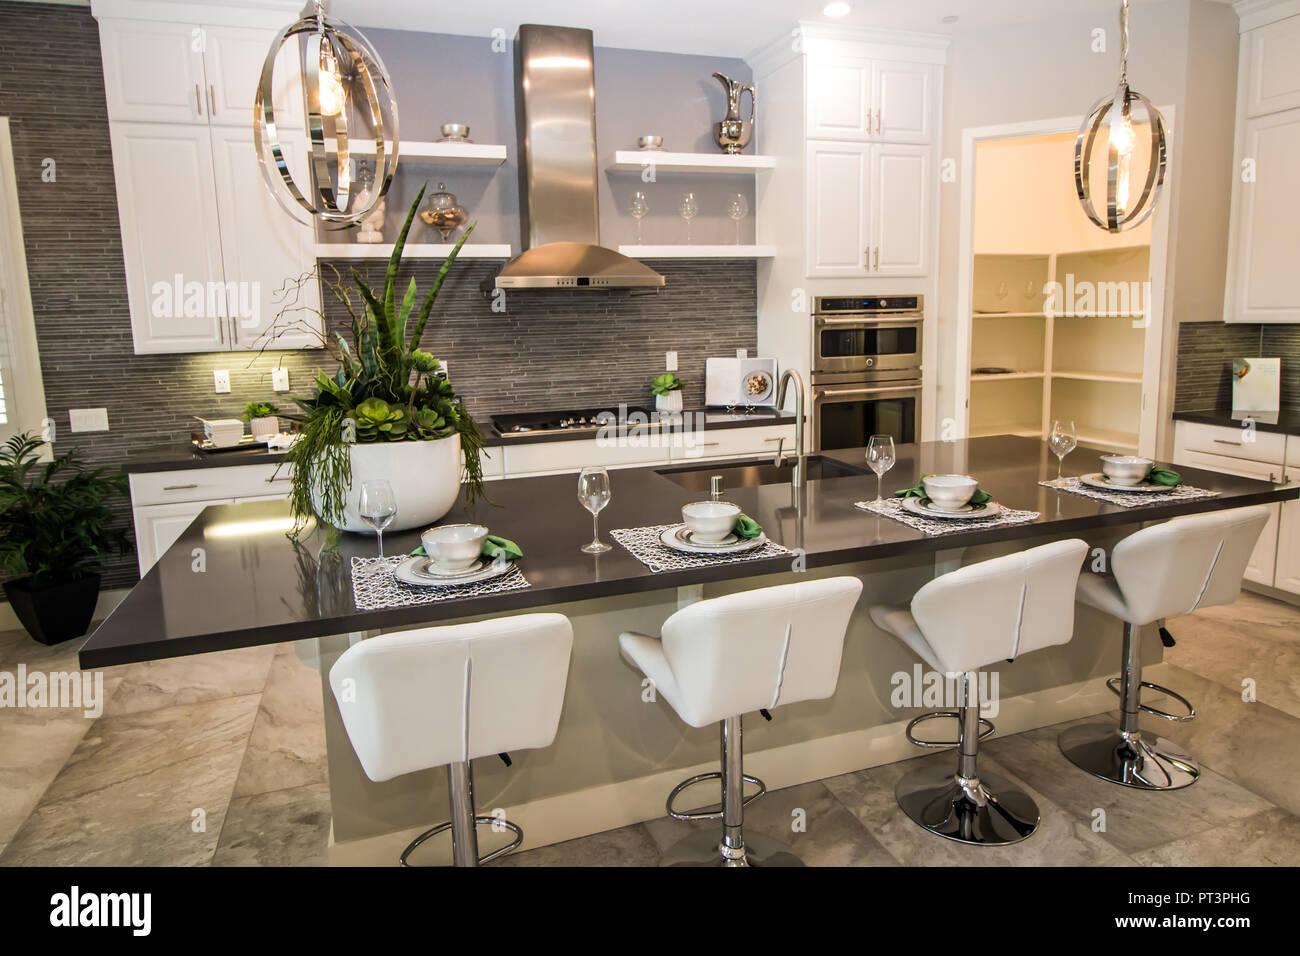 Cucina moderna con le regolazioni del posto sul banco bar Foto ...